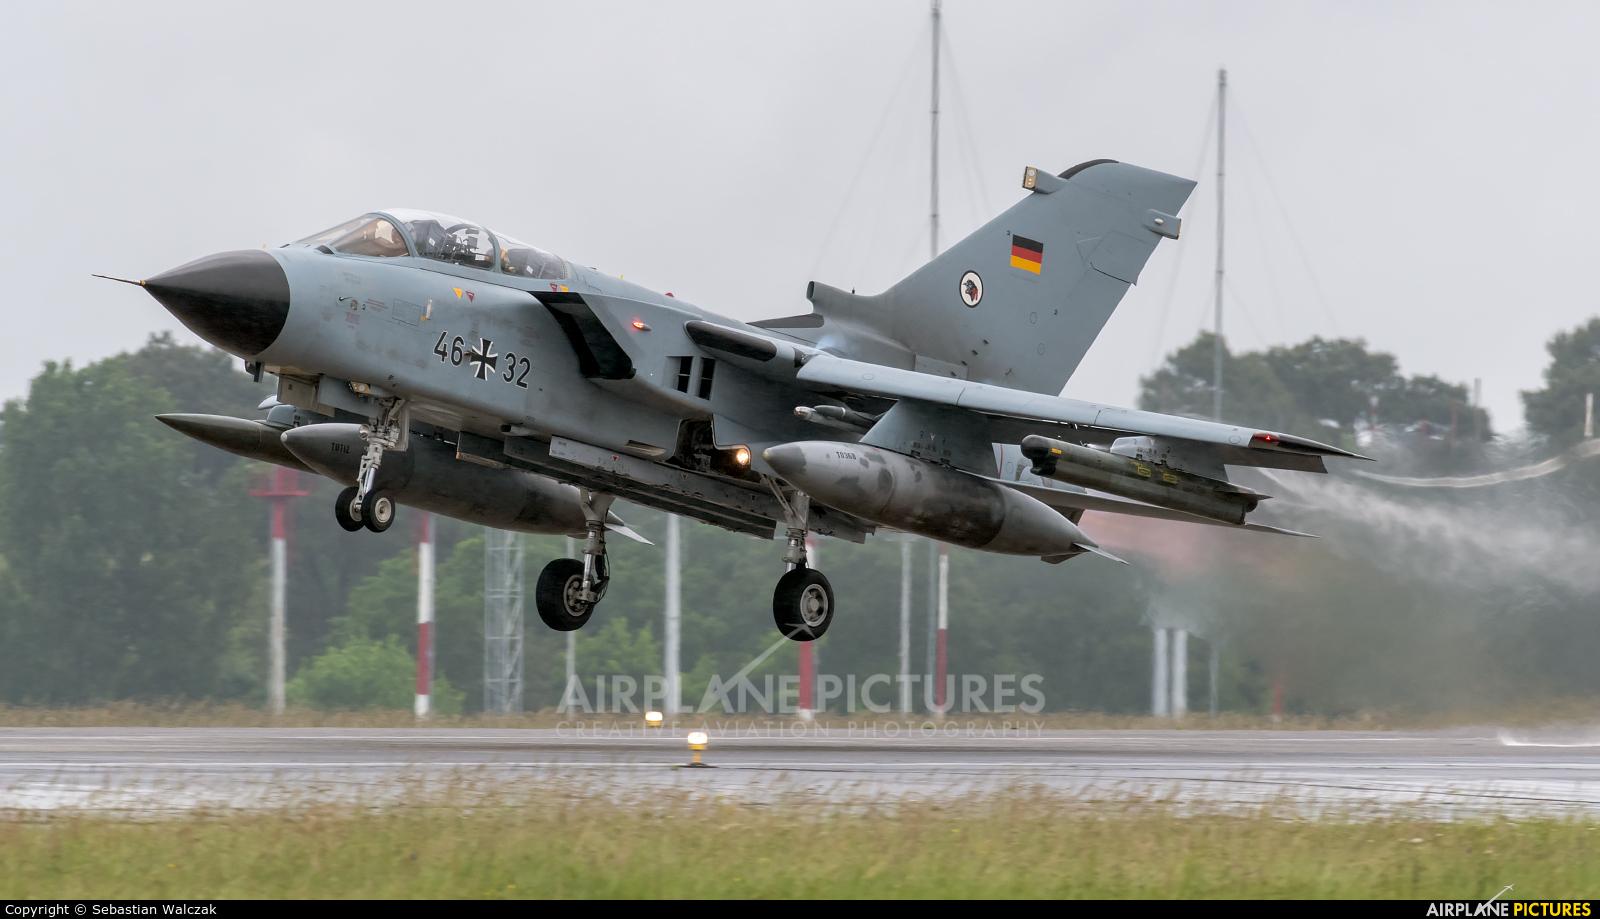 Germany - Air Force 46+32 aircraft at Mont de Marsan